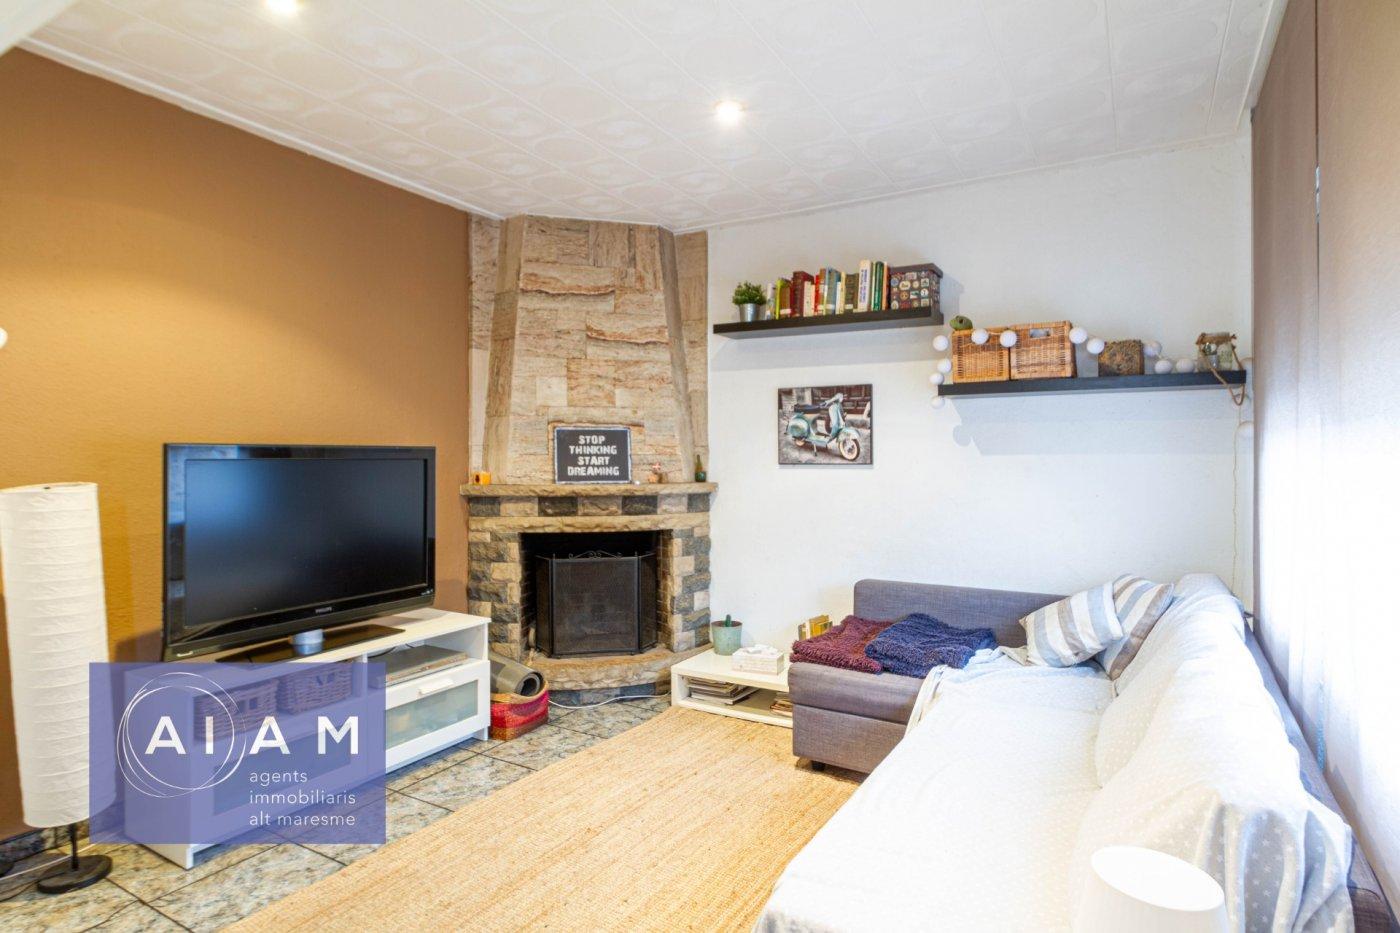 Casa en zona urbana de 3 habitaciones + garaje - imagenInmueble0